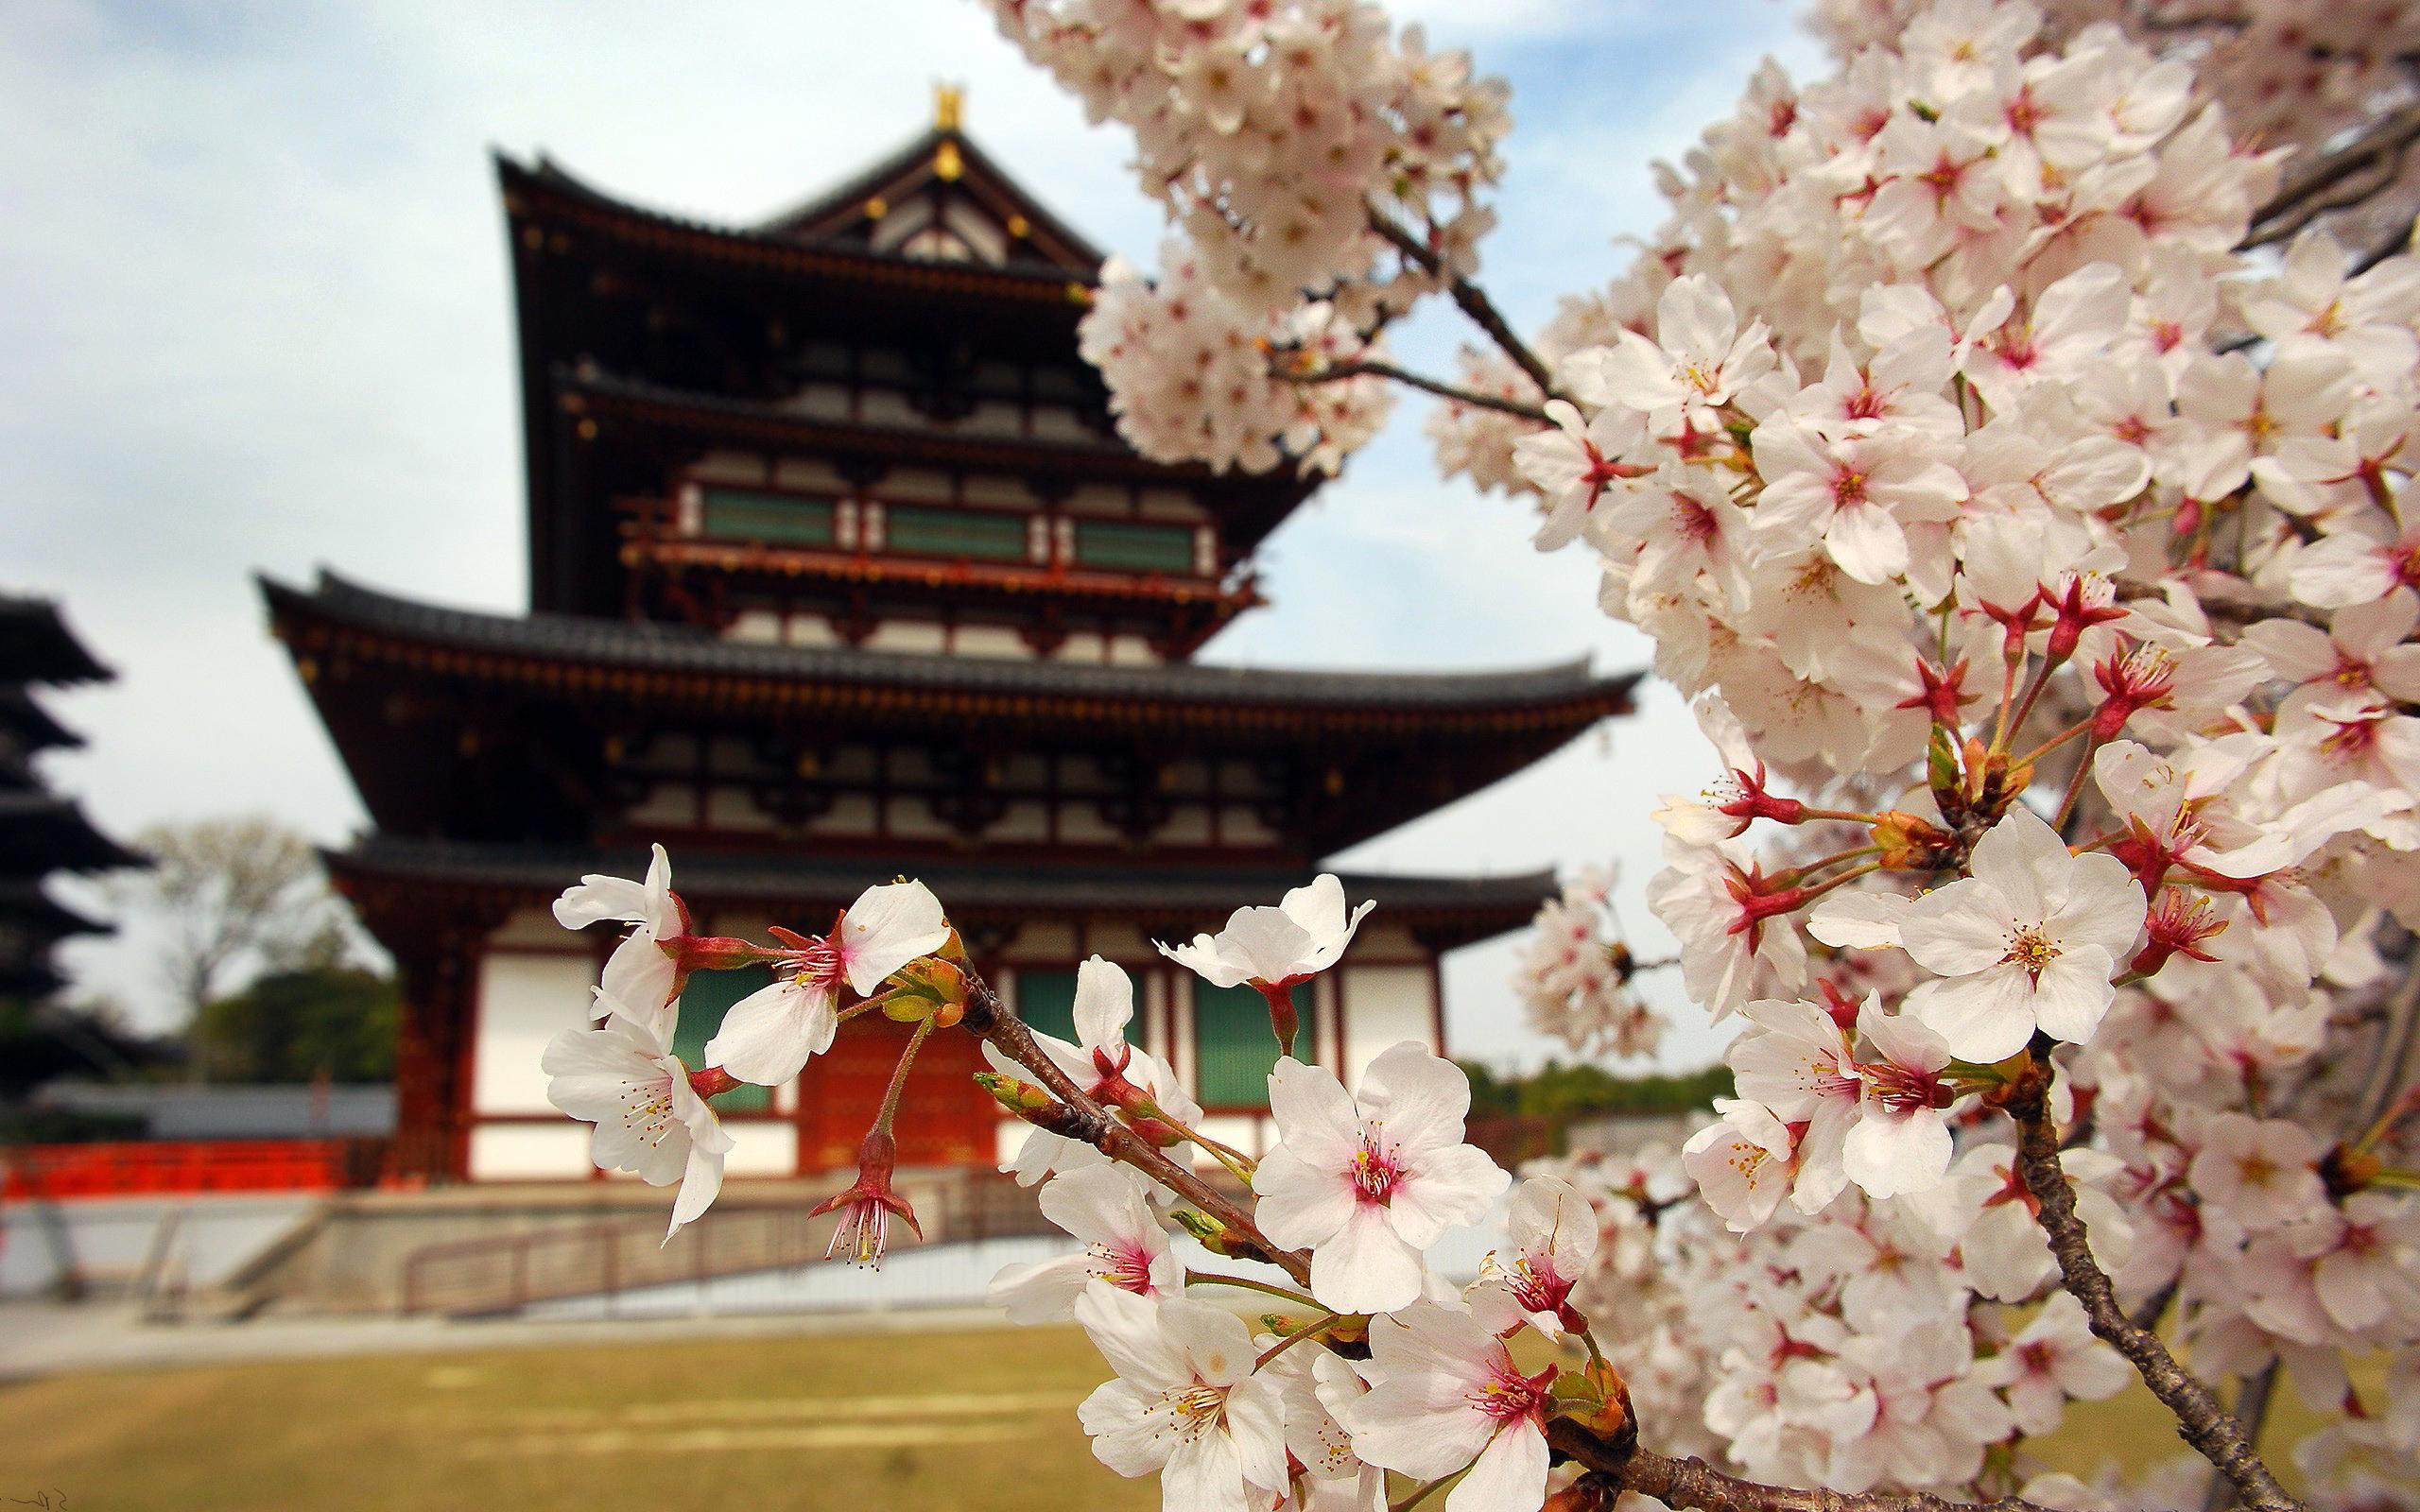 Falling Cherry Blossom Wallpaper Hd Sakura Blossom Hd Desktop Wallpapers 4k Hd